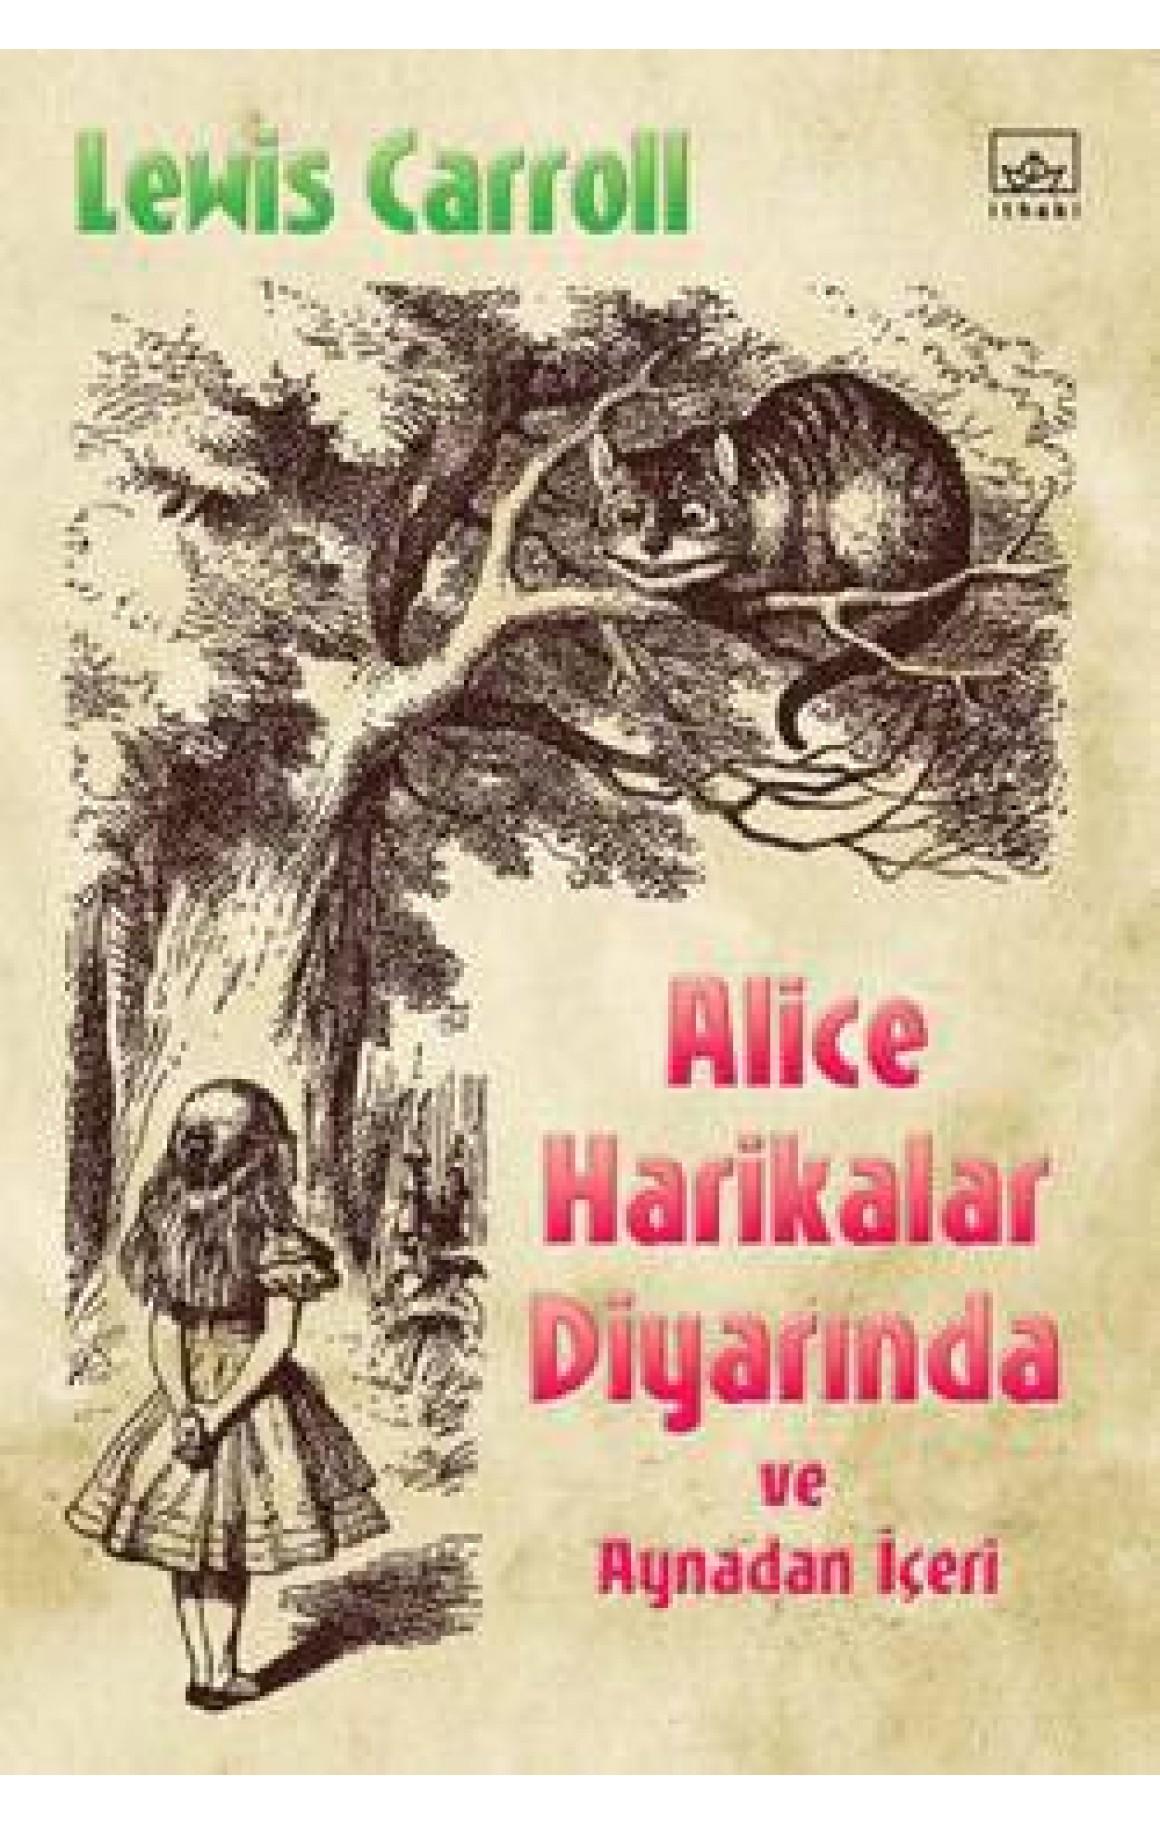 Alice Harikalar Diyarında ve Aynadan İçeri